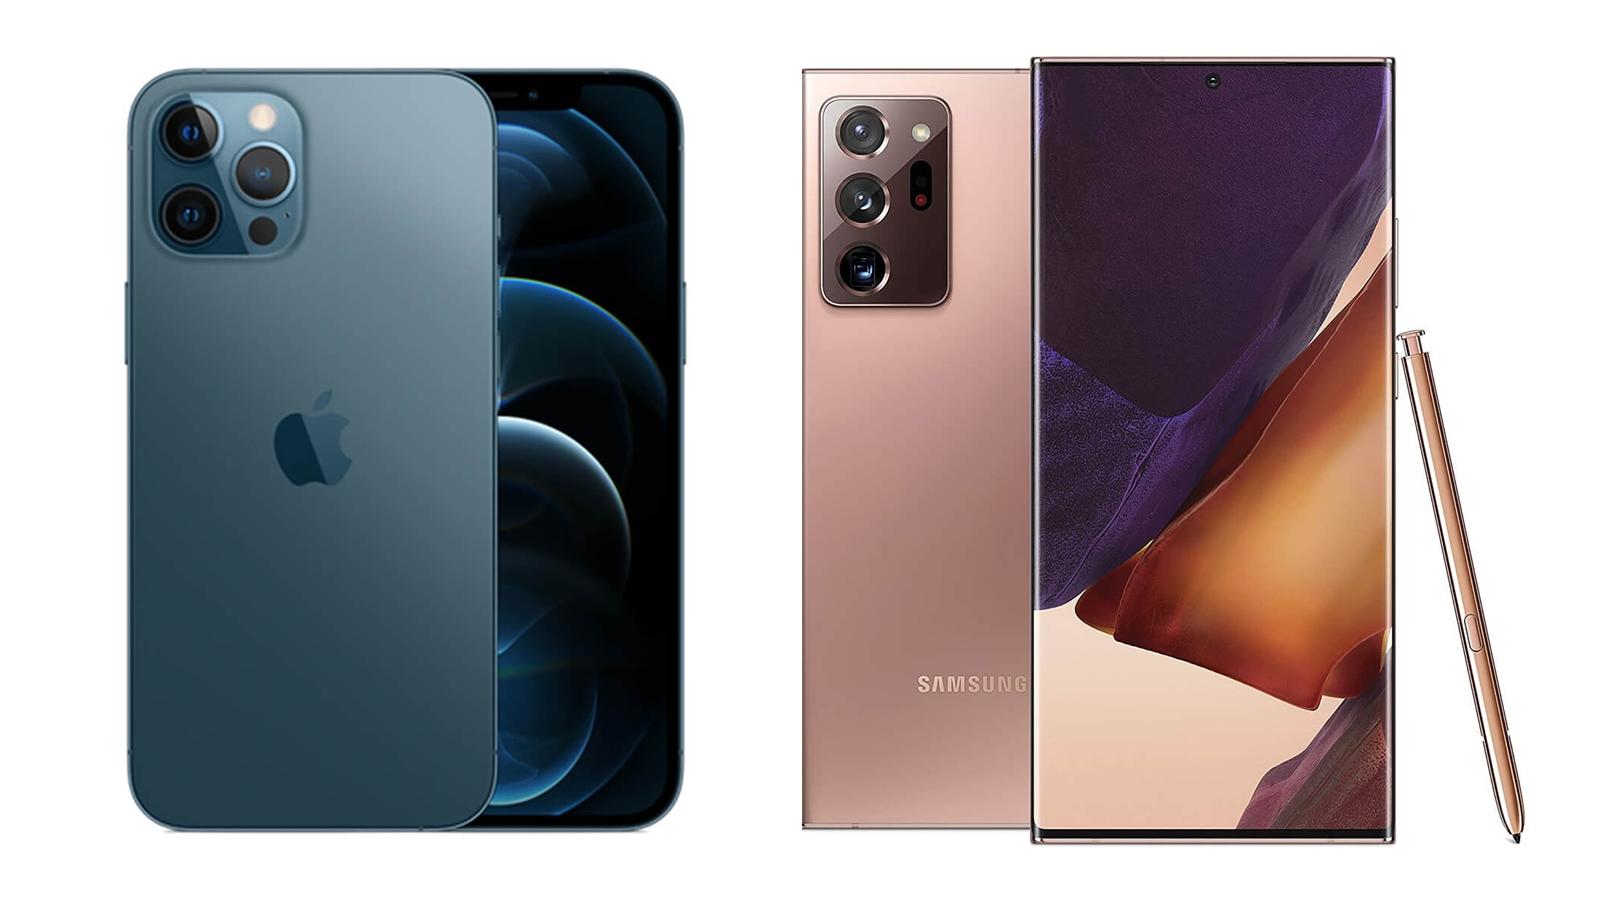 【手機專知】iPhone 12 Pro Max跟三星Note20 Ultra的不同差異為何?消費者該怎麼選擇?